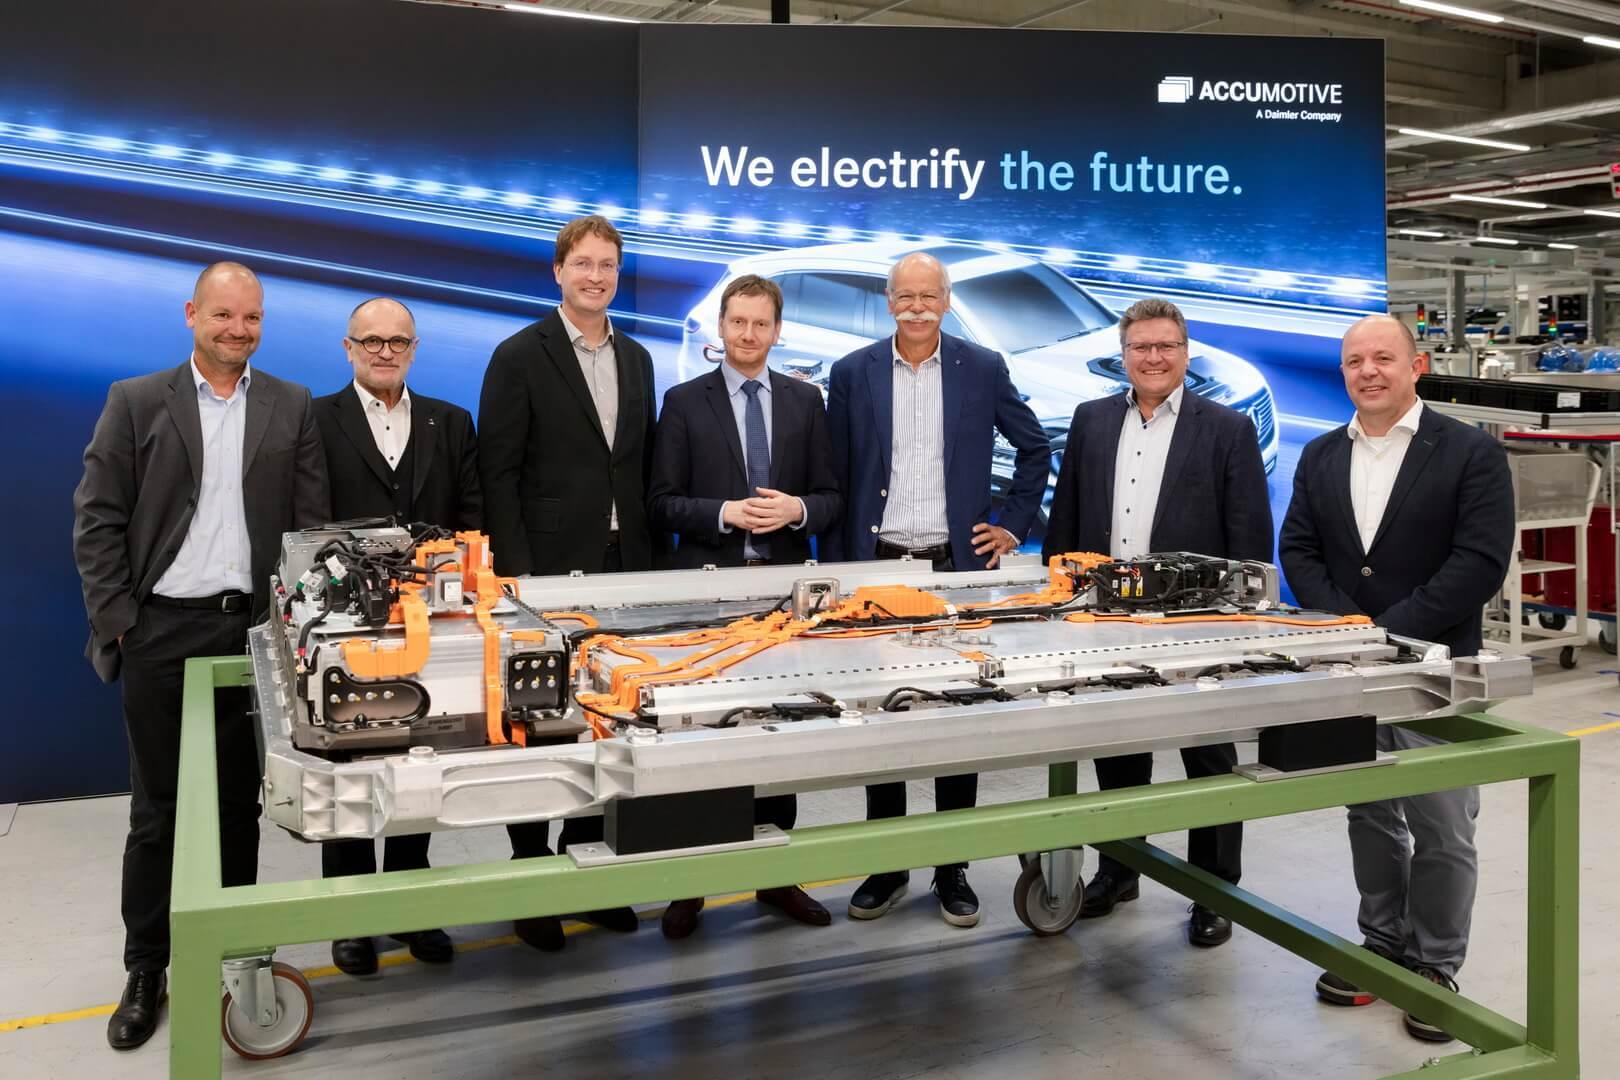 Аккумуляторная батарея электрического кроссовера Mercedes-Benz EQC